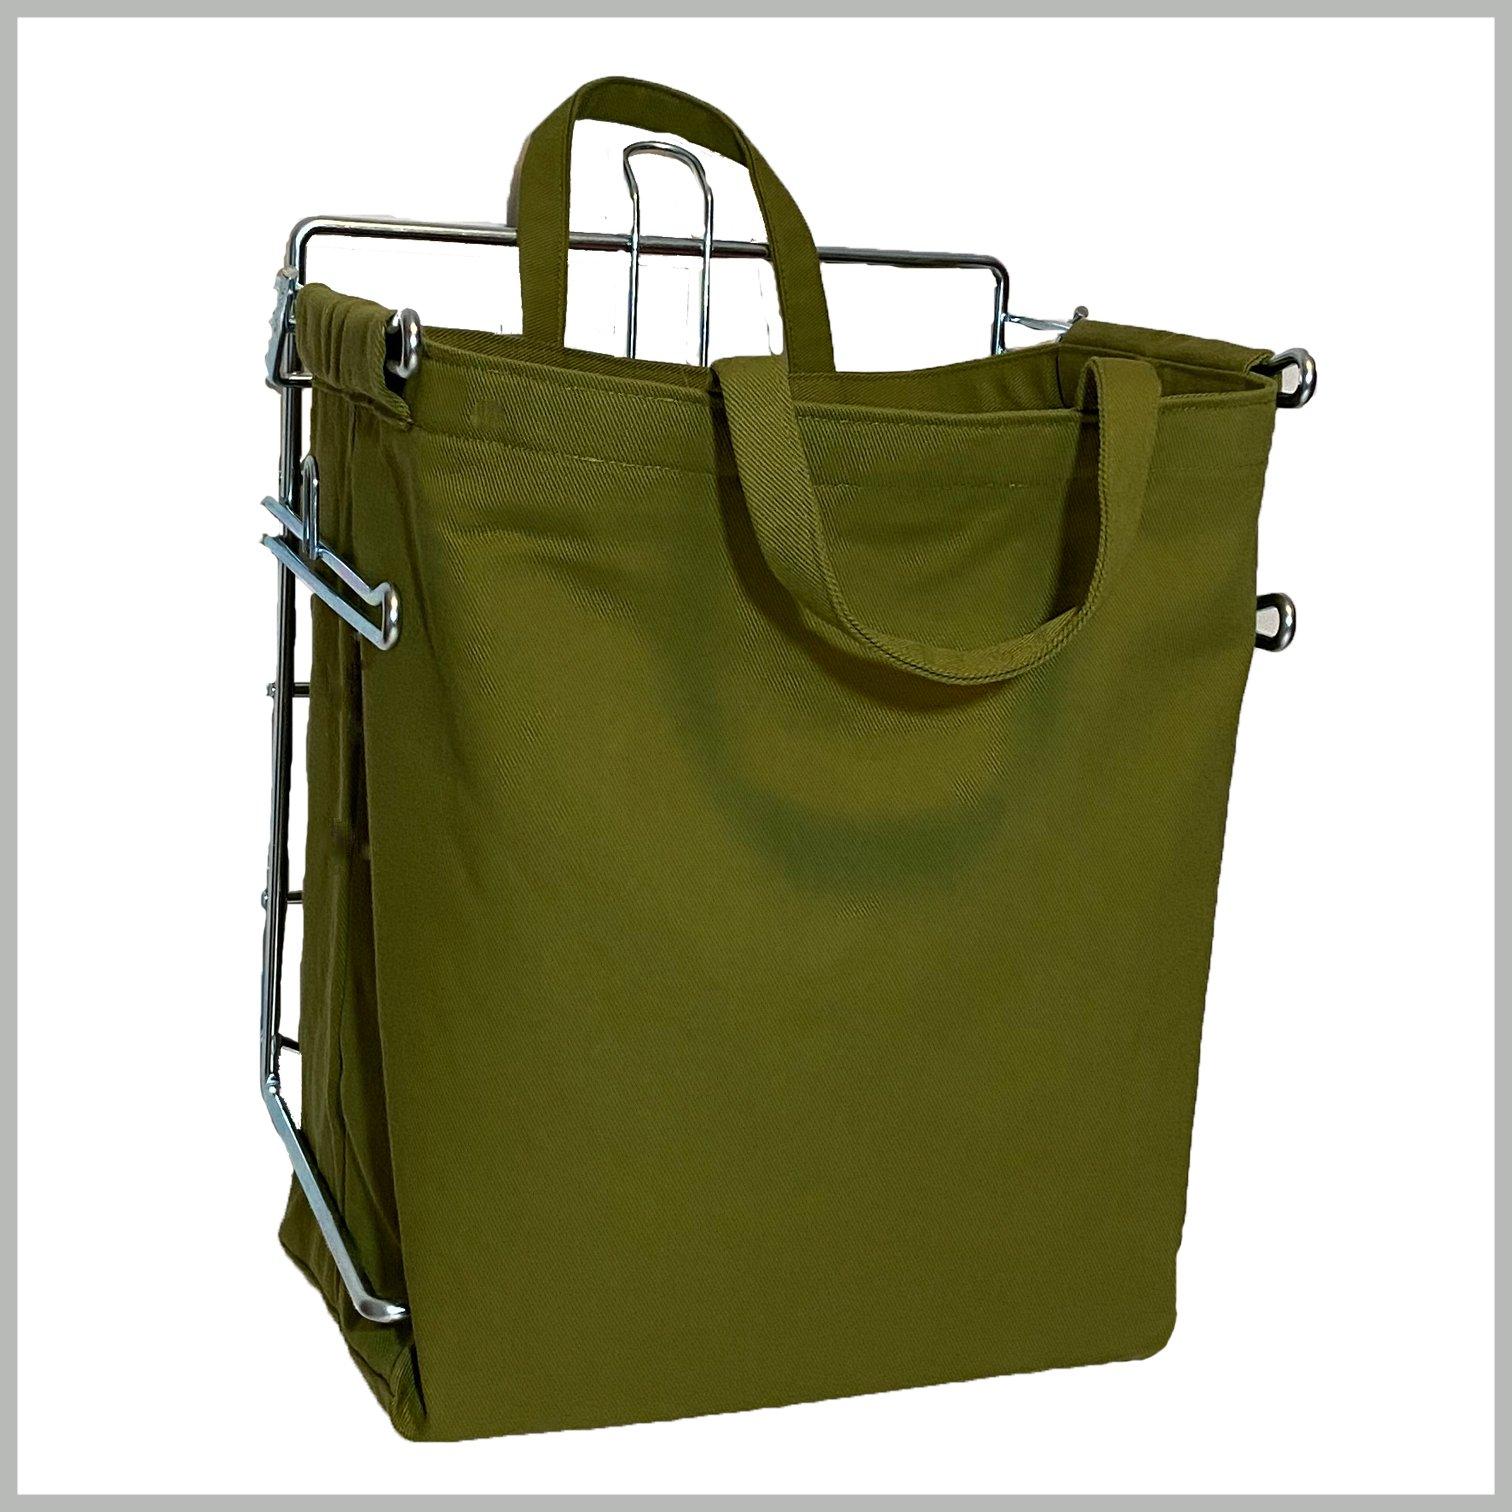 PineTote-easybag